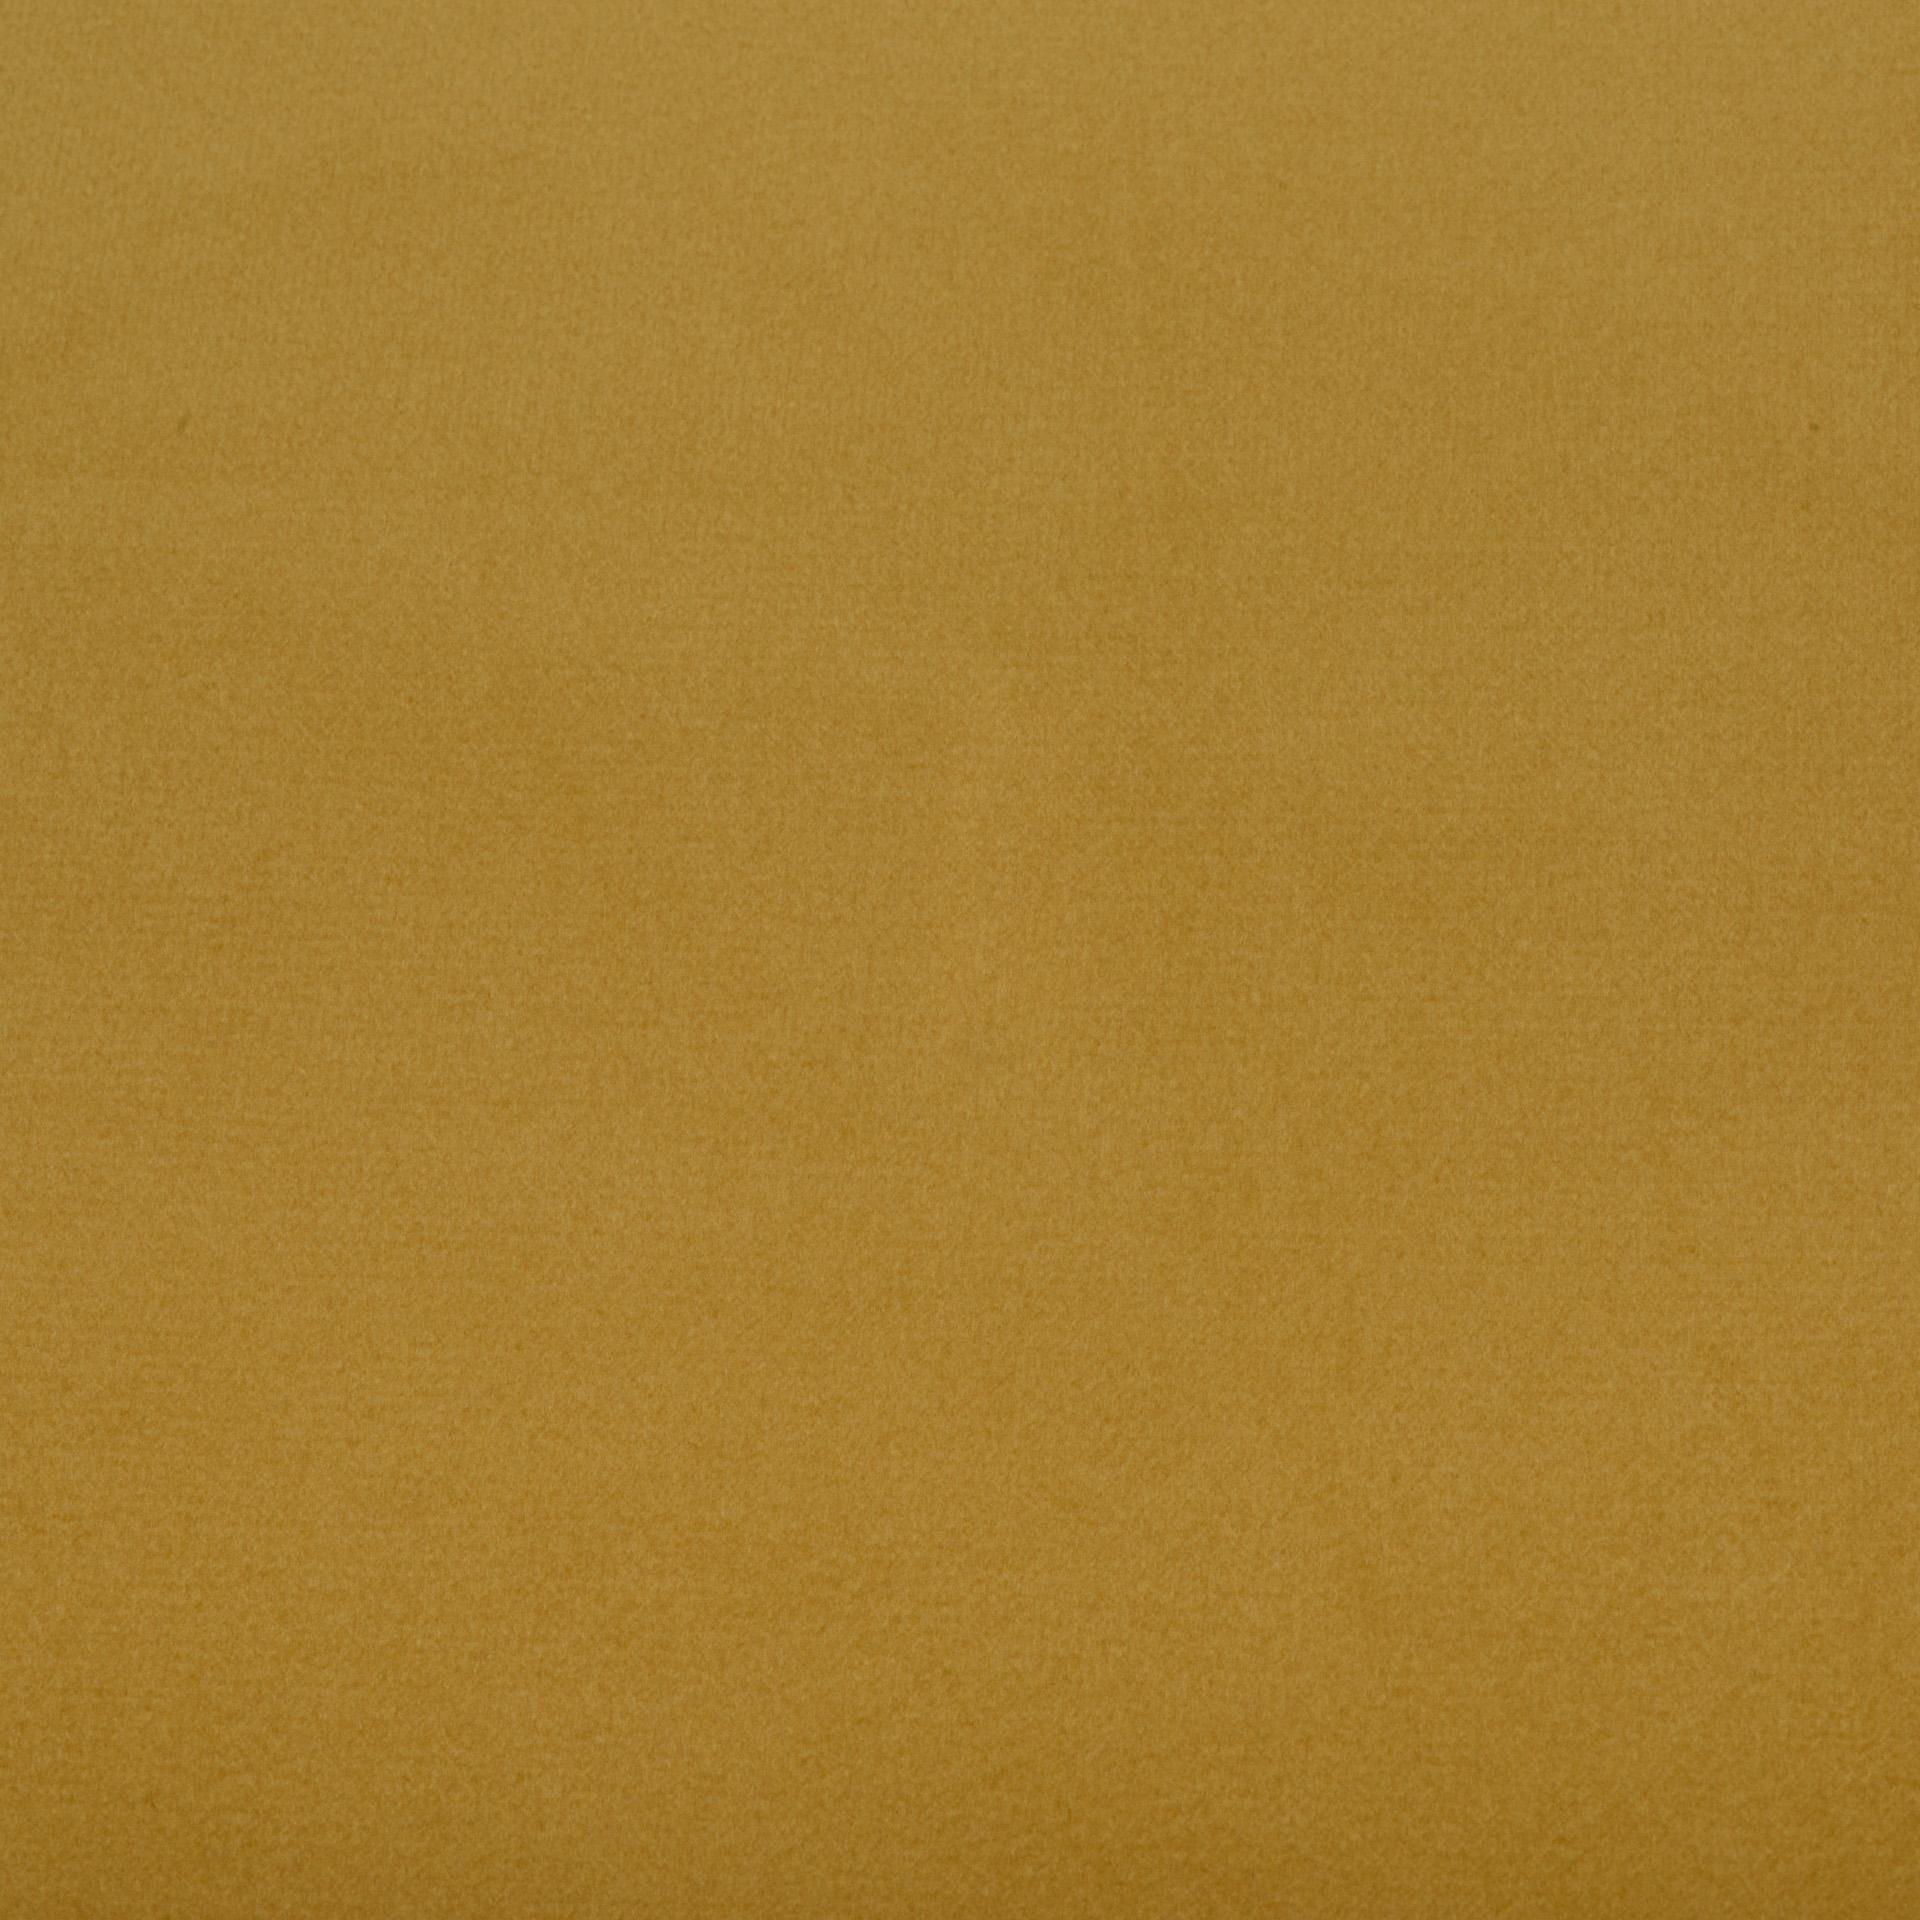 Коллекция ткани Багира 23 BUTTERNUT,  купить ткань Велюр для мебели Украина